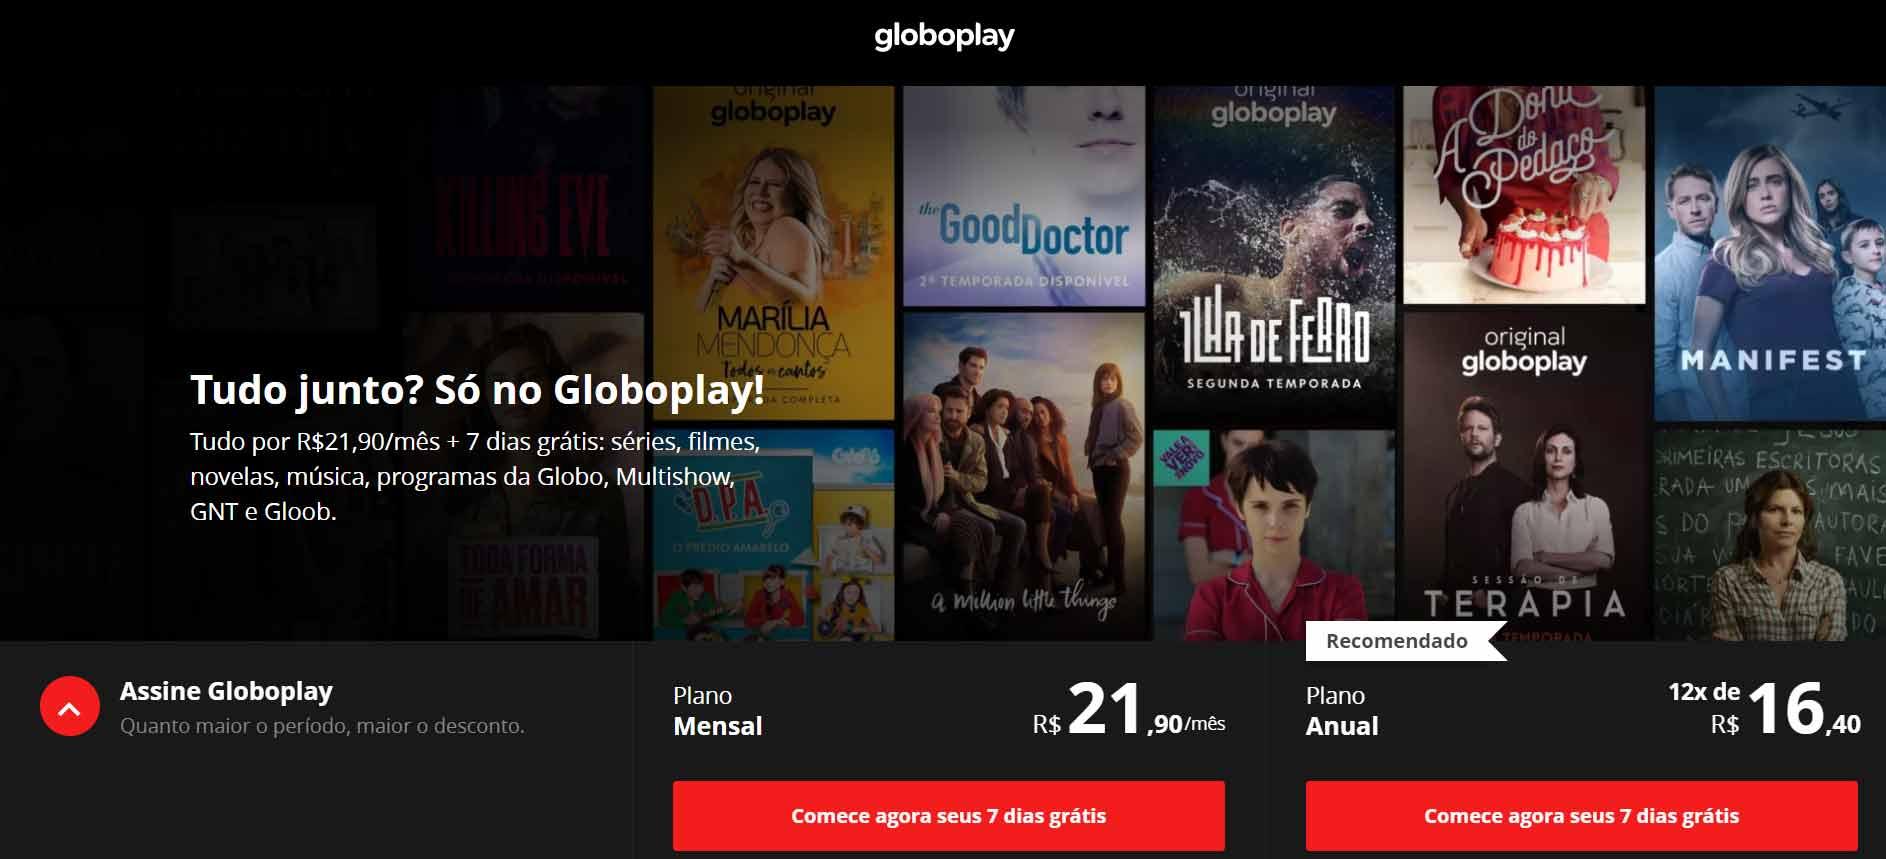 Globoplay. Reprodução de tela